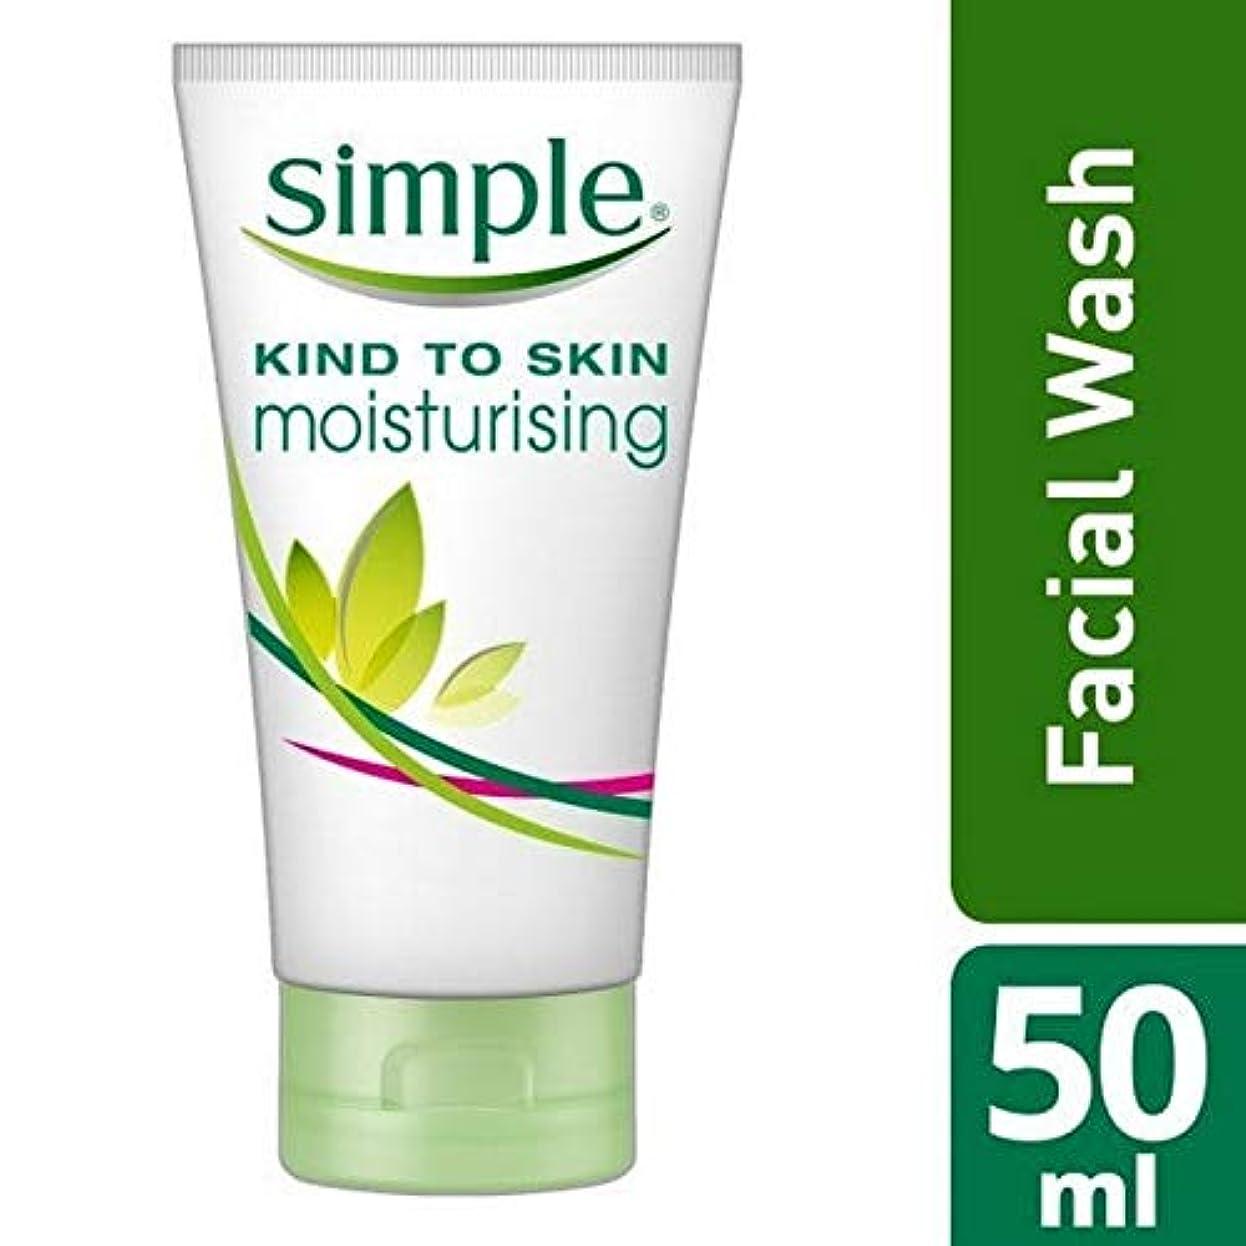 陰気真向こうチラチラする[Simple ] 洗顔50ミリリットルを保湿肌への単純な種類 - Simple Kind To Skin Moisturising Facial Wash 50ml [並行輸入品]